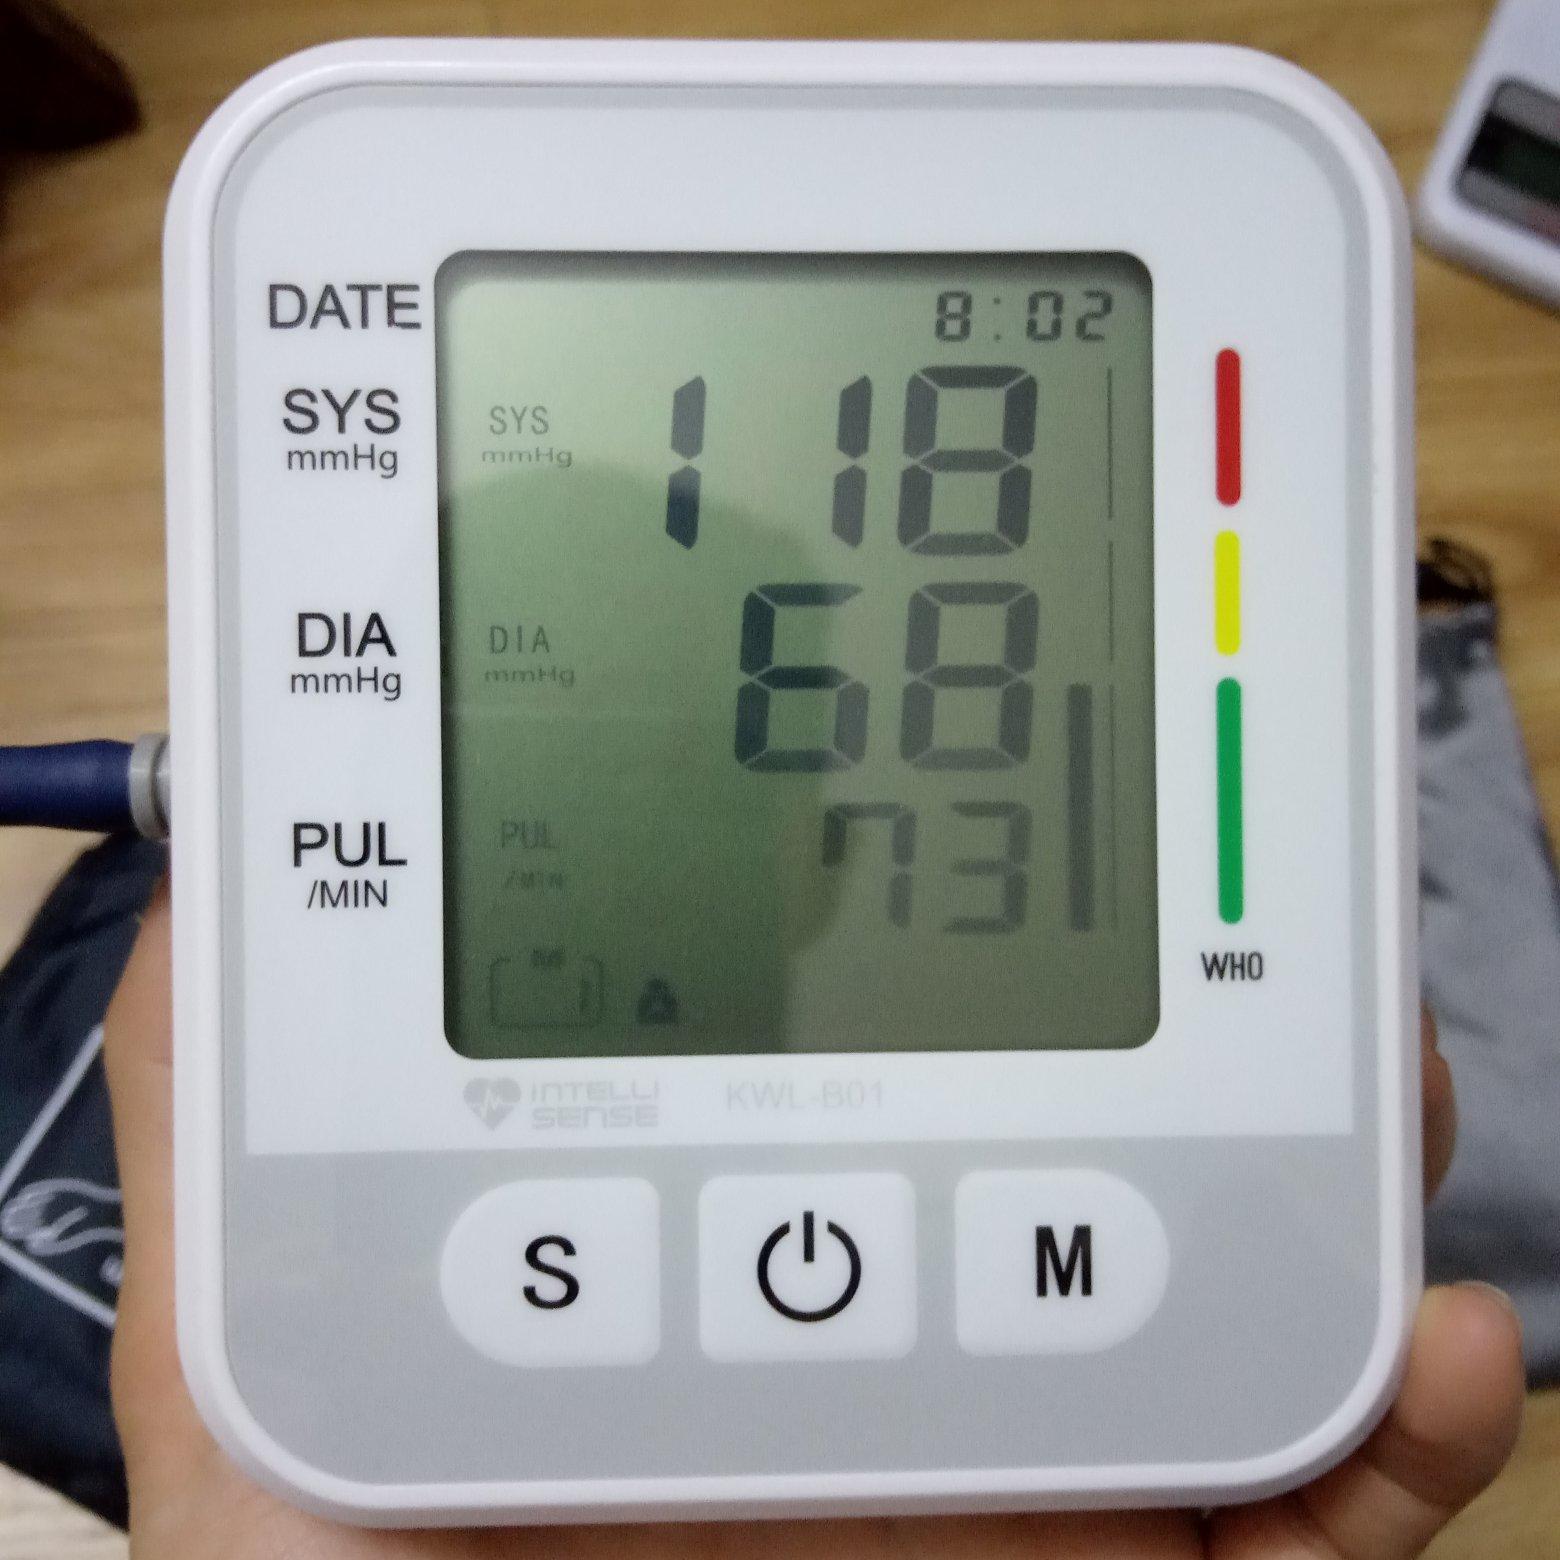 Nơi bán Máy đo huyết áp bắp tay Electronic phiên bản 2019, phát hiện rối loạn nhịp tim, công nghệ Intellisense độ chính xác cao, bộ nhớ 2 người lưu 198 kết quả